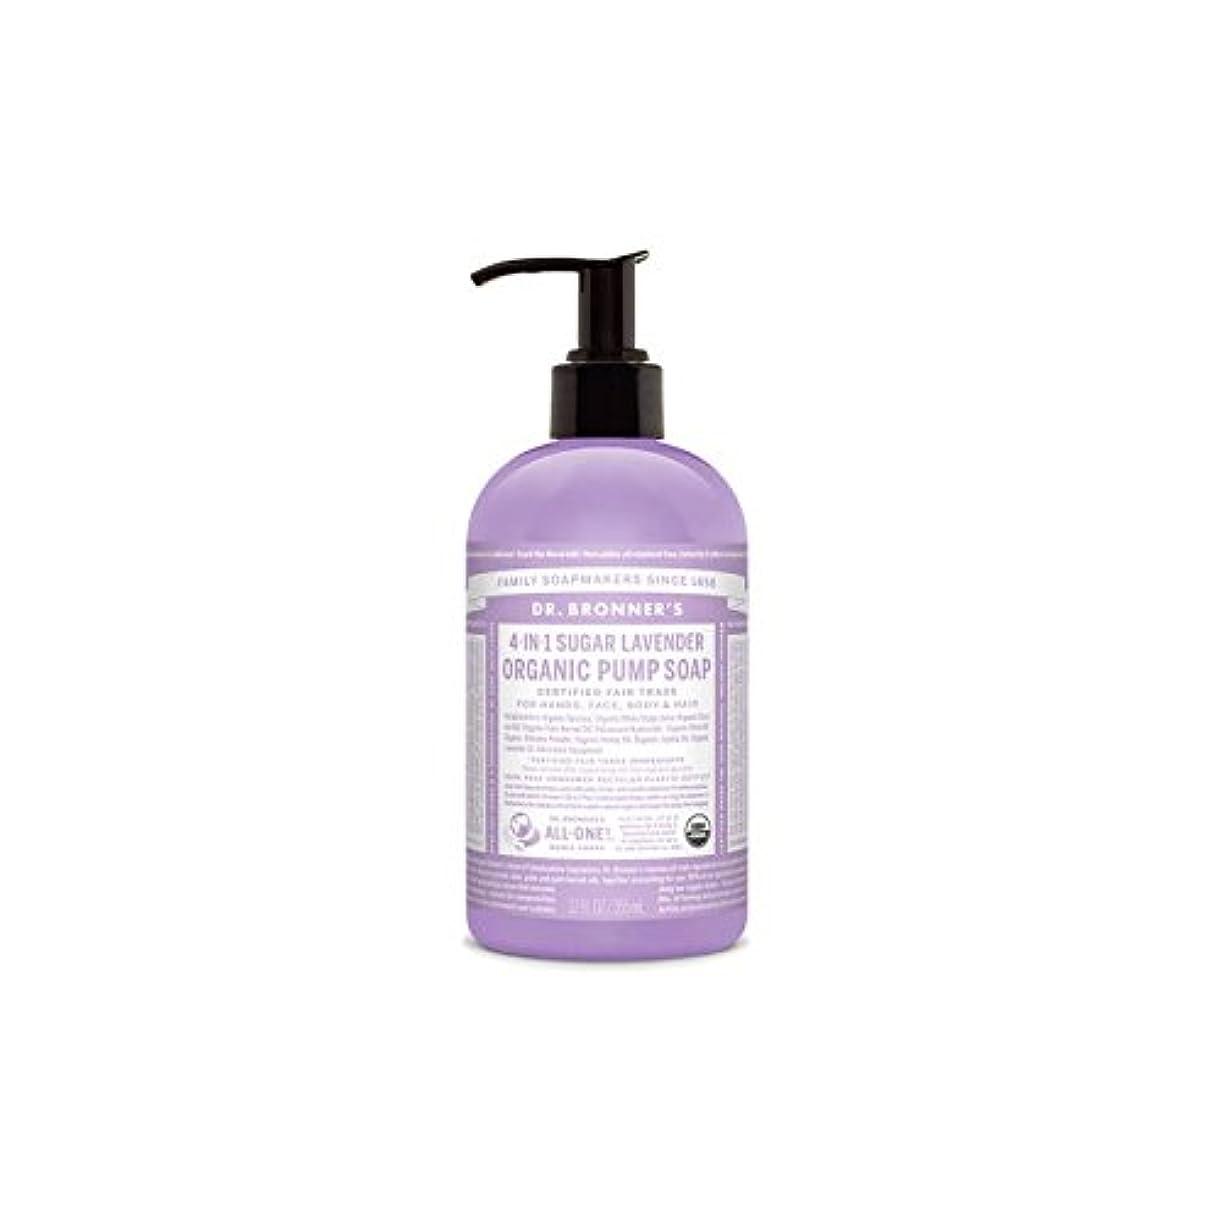 平日グレートオーク提出するブロナー有機ラベンダーハンドソープ(355ミリリットル) x2 - Dr. Bronner Organic Shikakai Lavender Hand Soap (355ml) (Pack of 2) [並行輸入品]